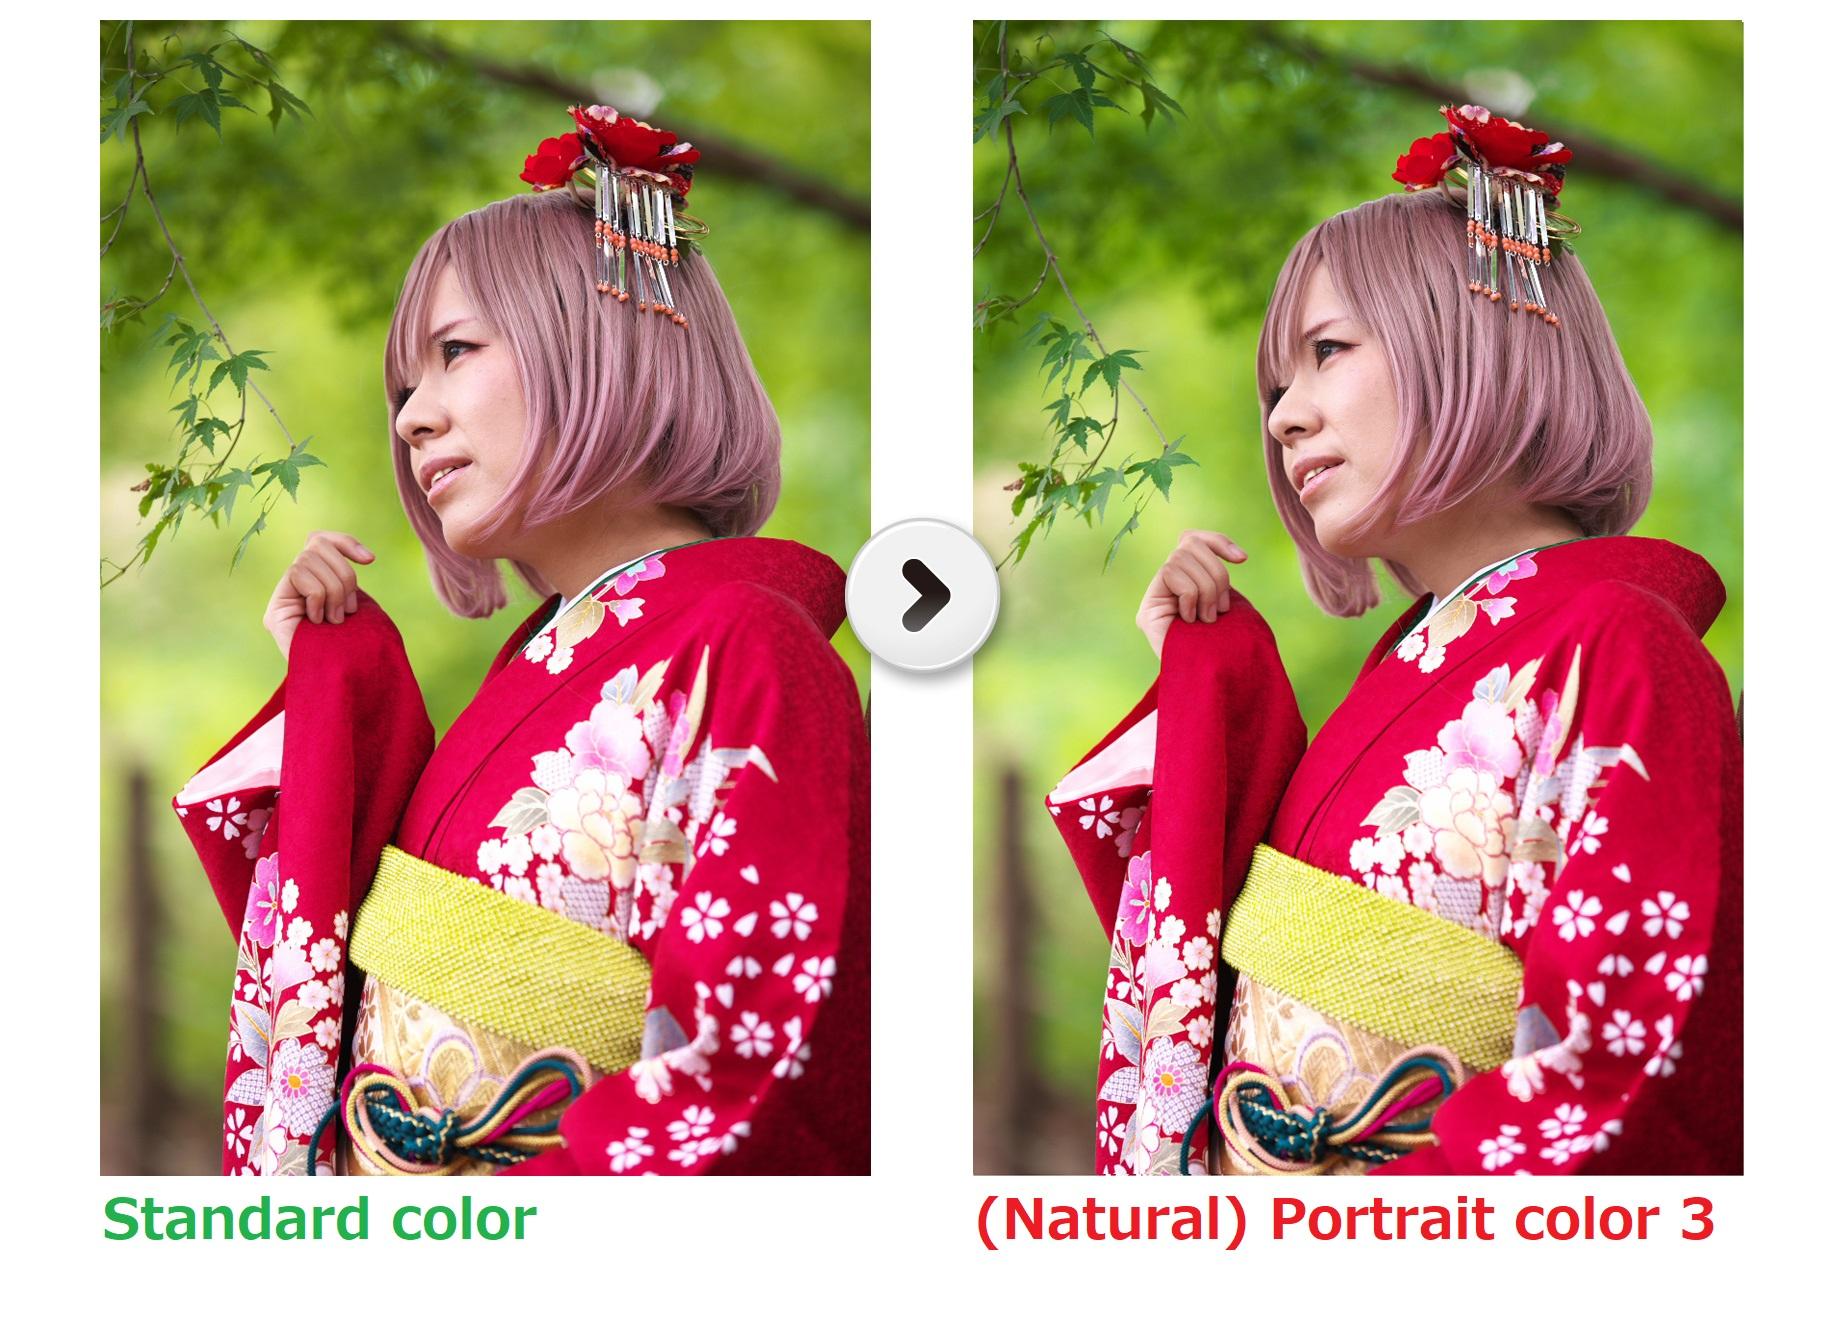 Portrait color 3